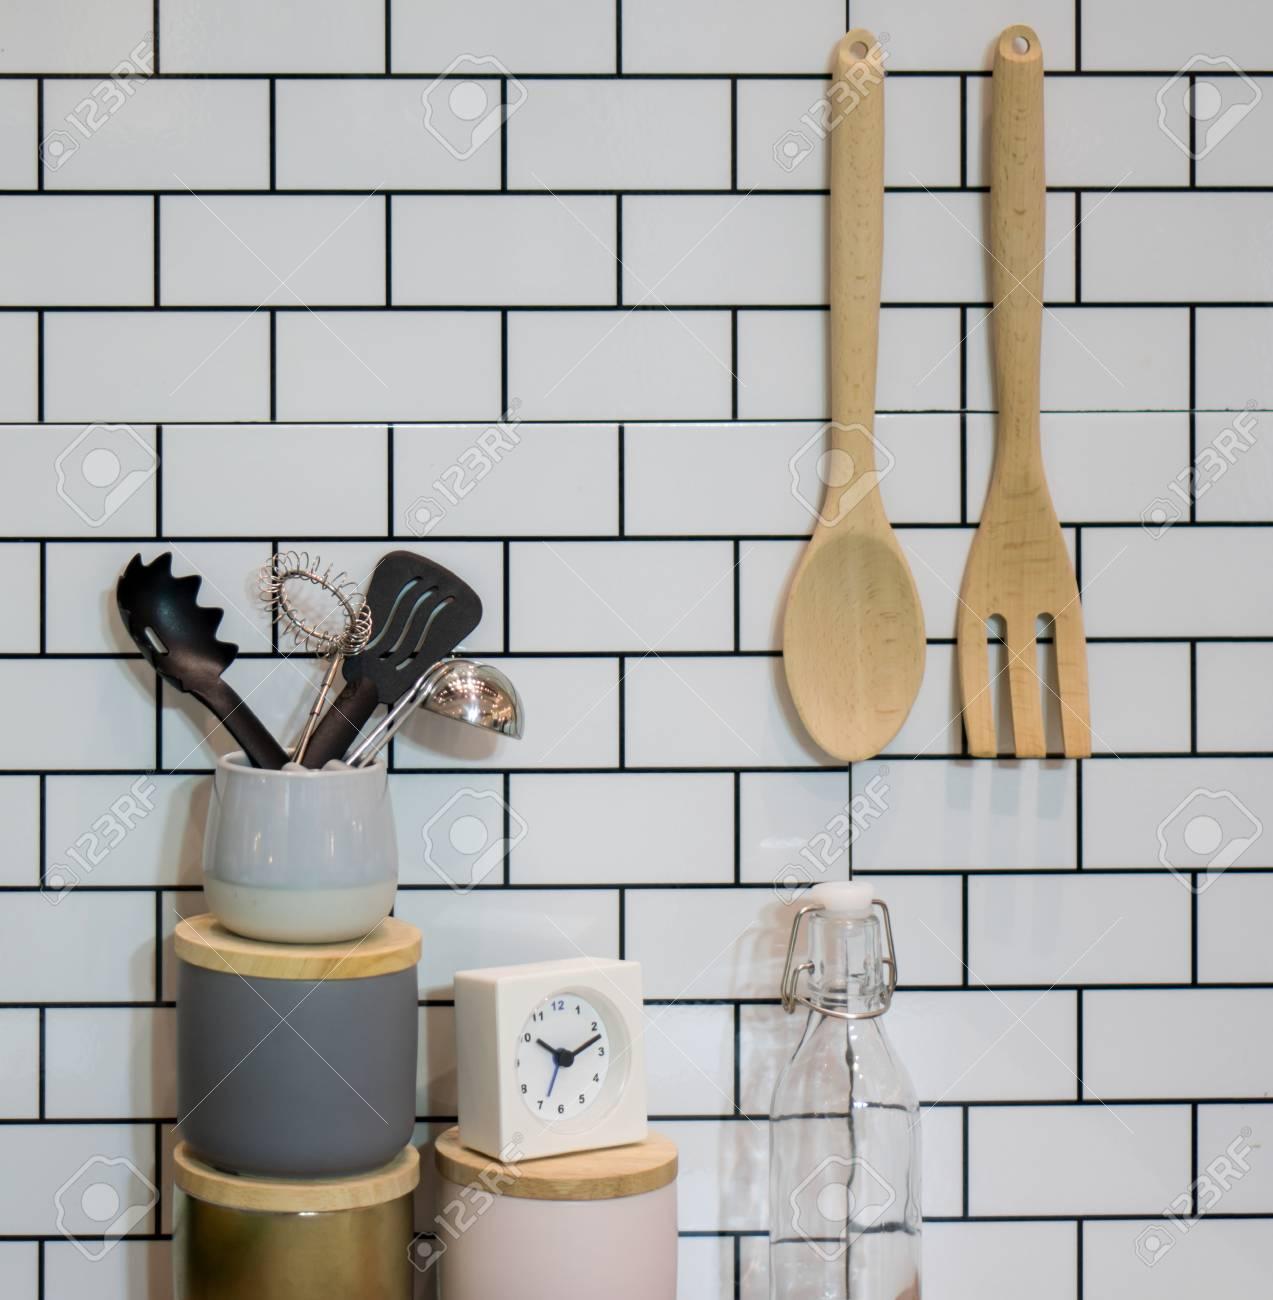 Küchenutensilien Und Sachen Gegen Die Weiße Mauer Lizenzfreie Fotos ...